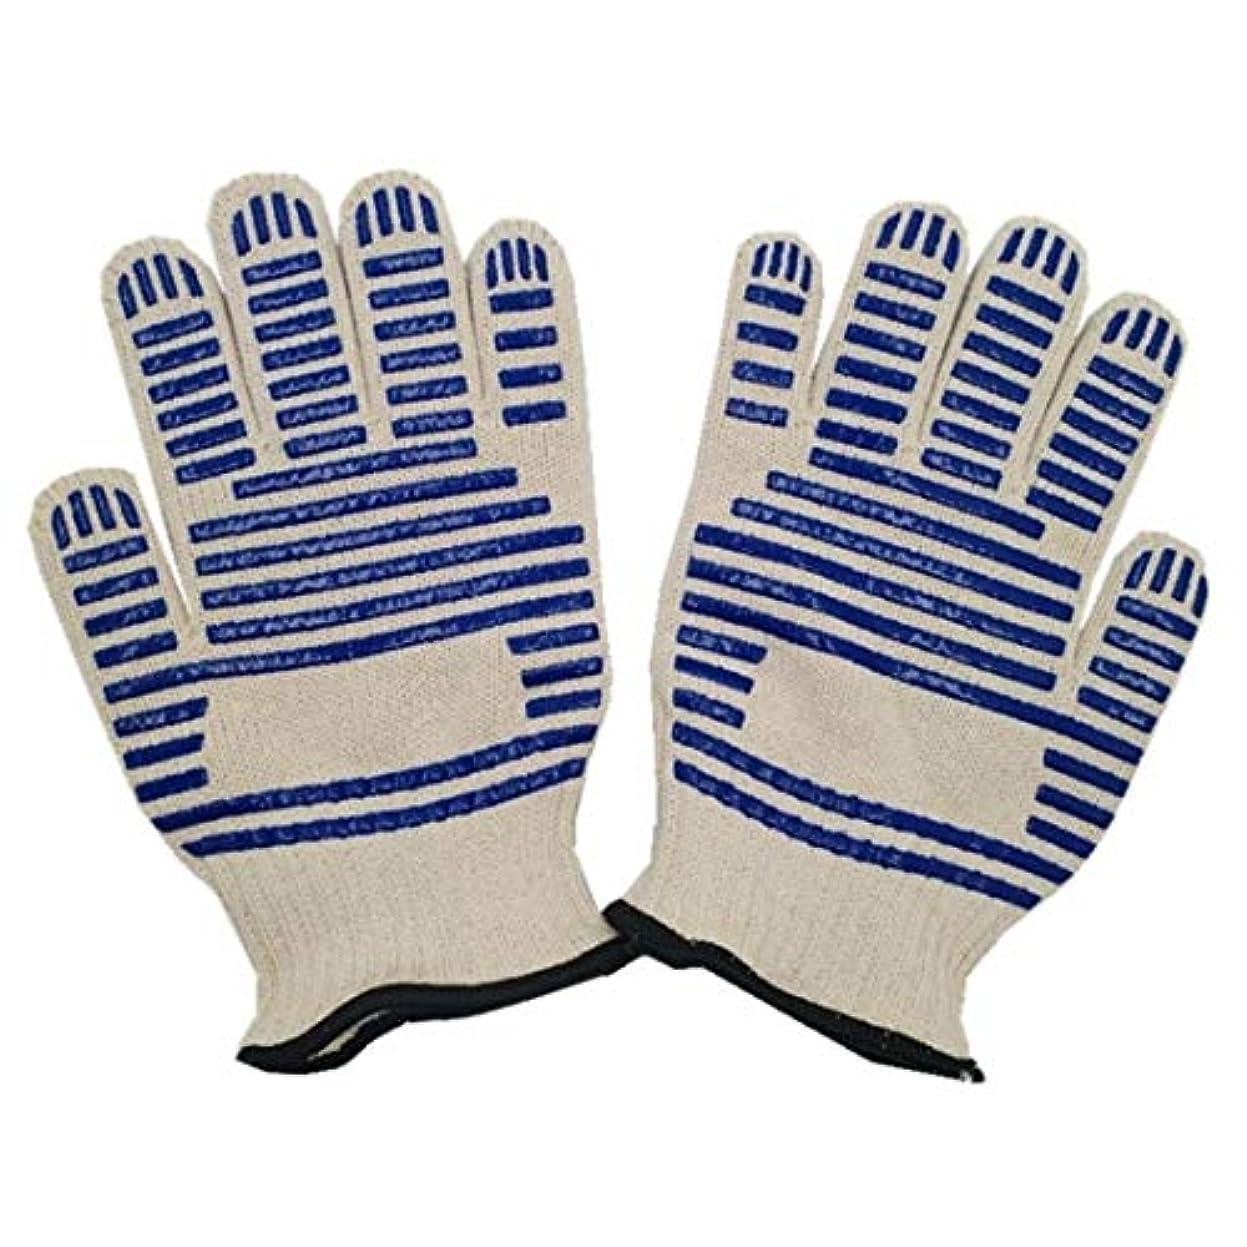 衰える才能模索OWNFSKNL 高温耐熱手袋、屋外キャンプ用手袋、ポリエステル/綿手袋